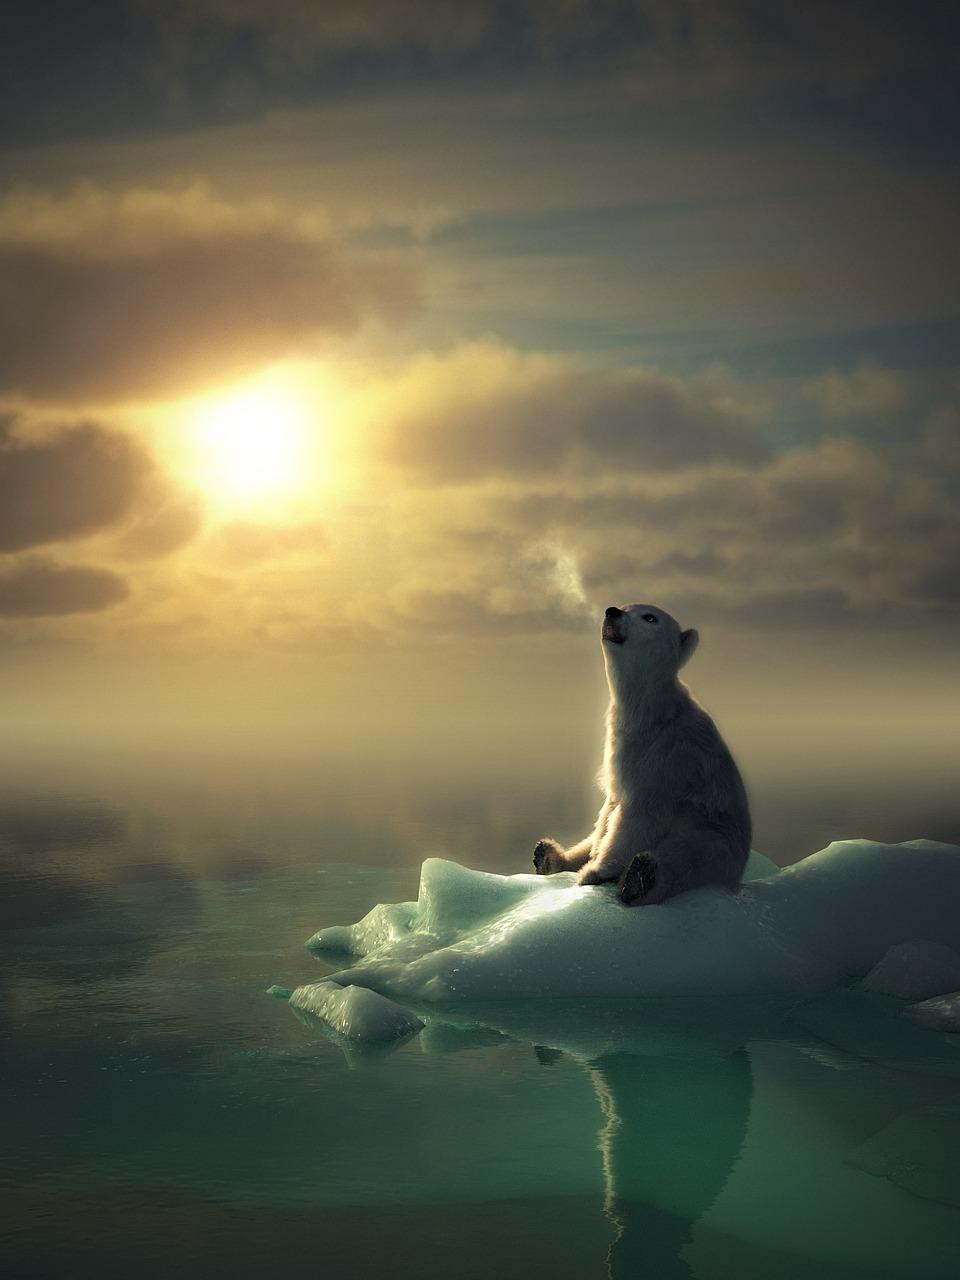 картинки дню солнце и медведь картинки сегодняшний рецепт для